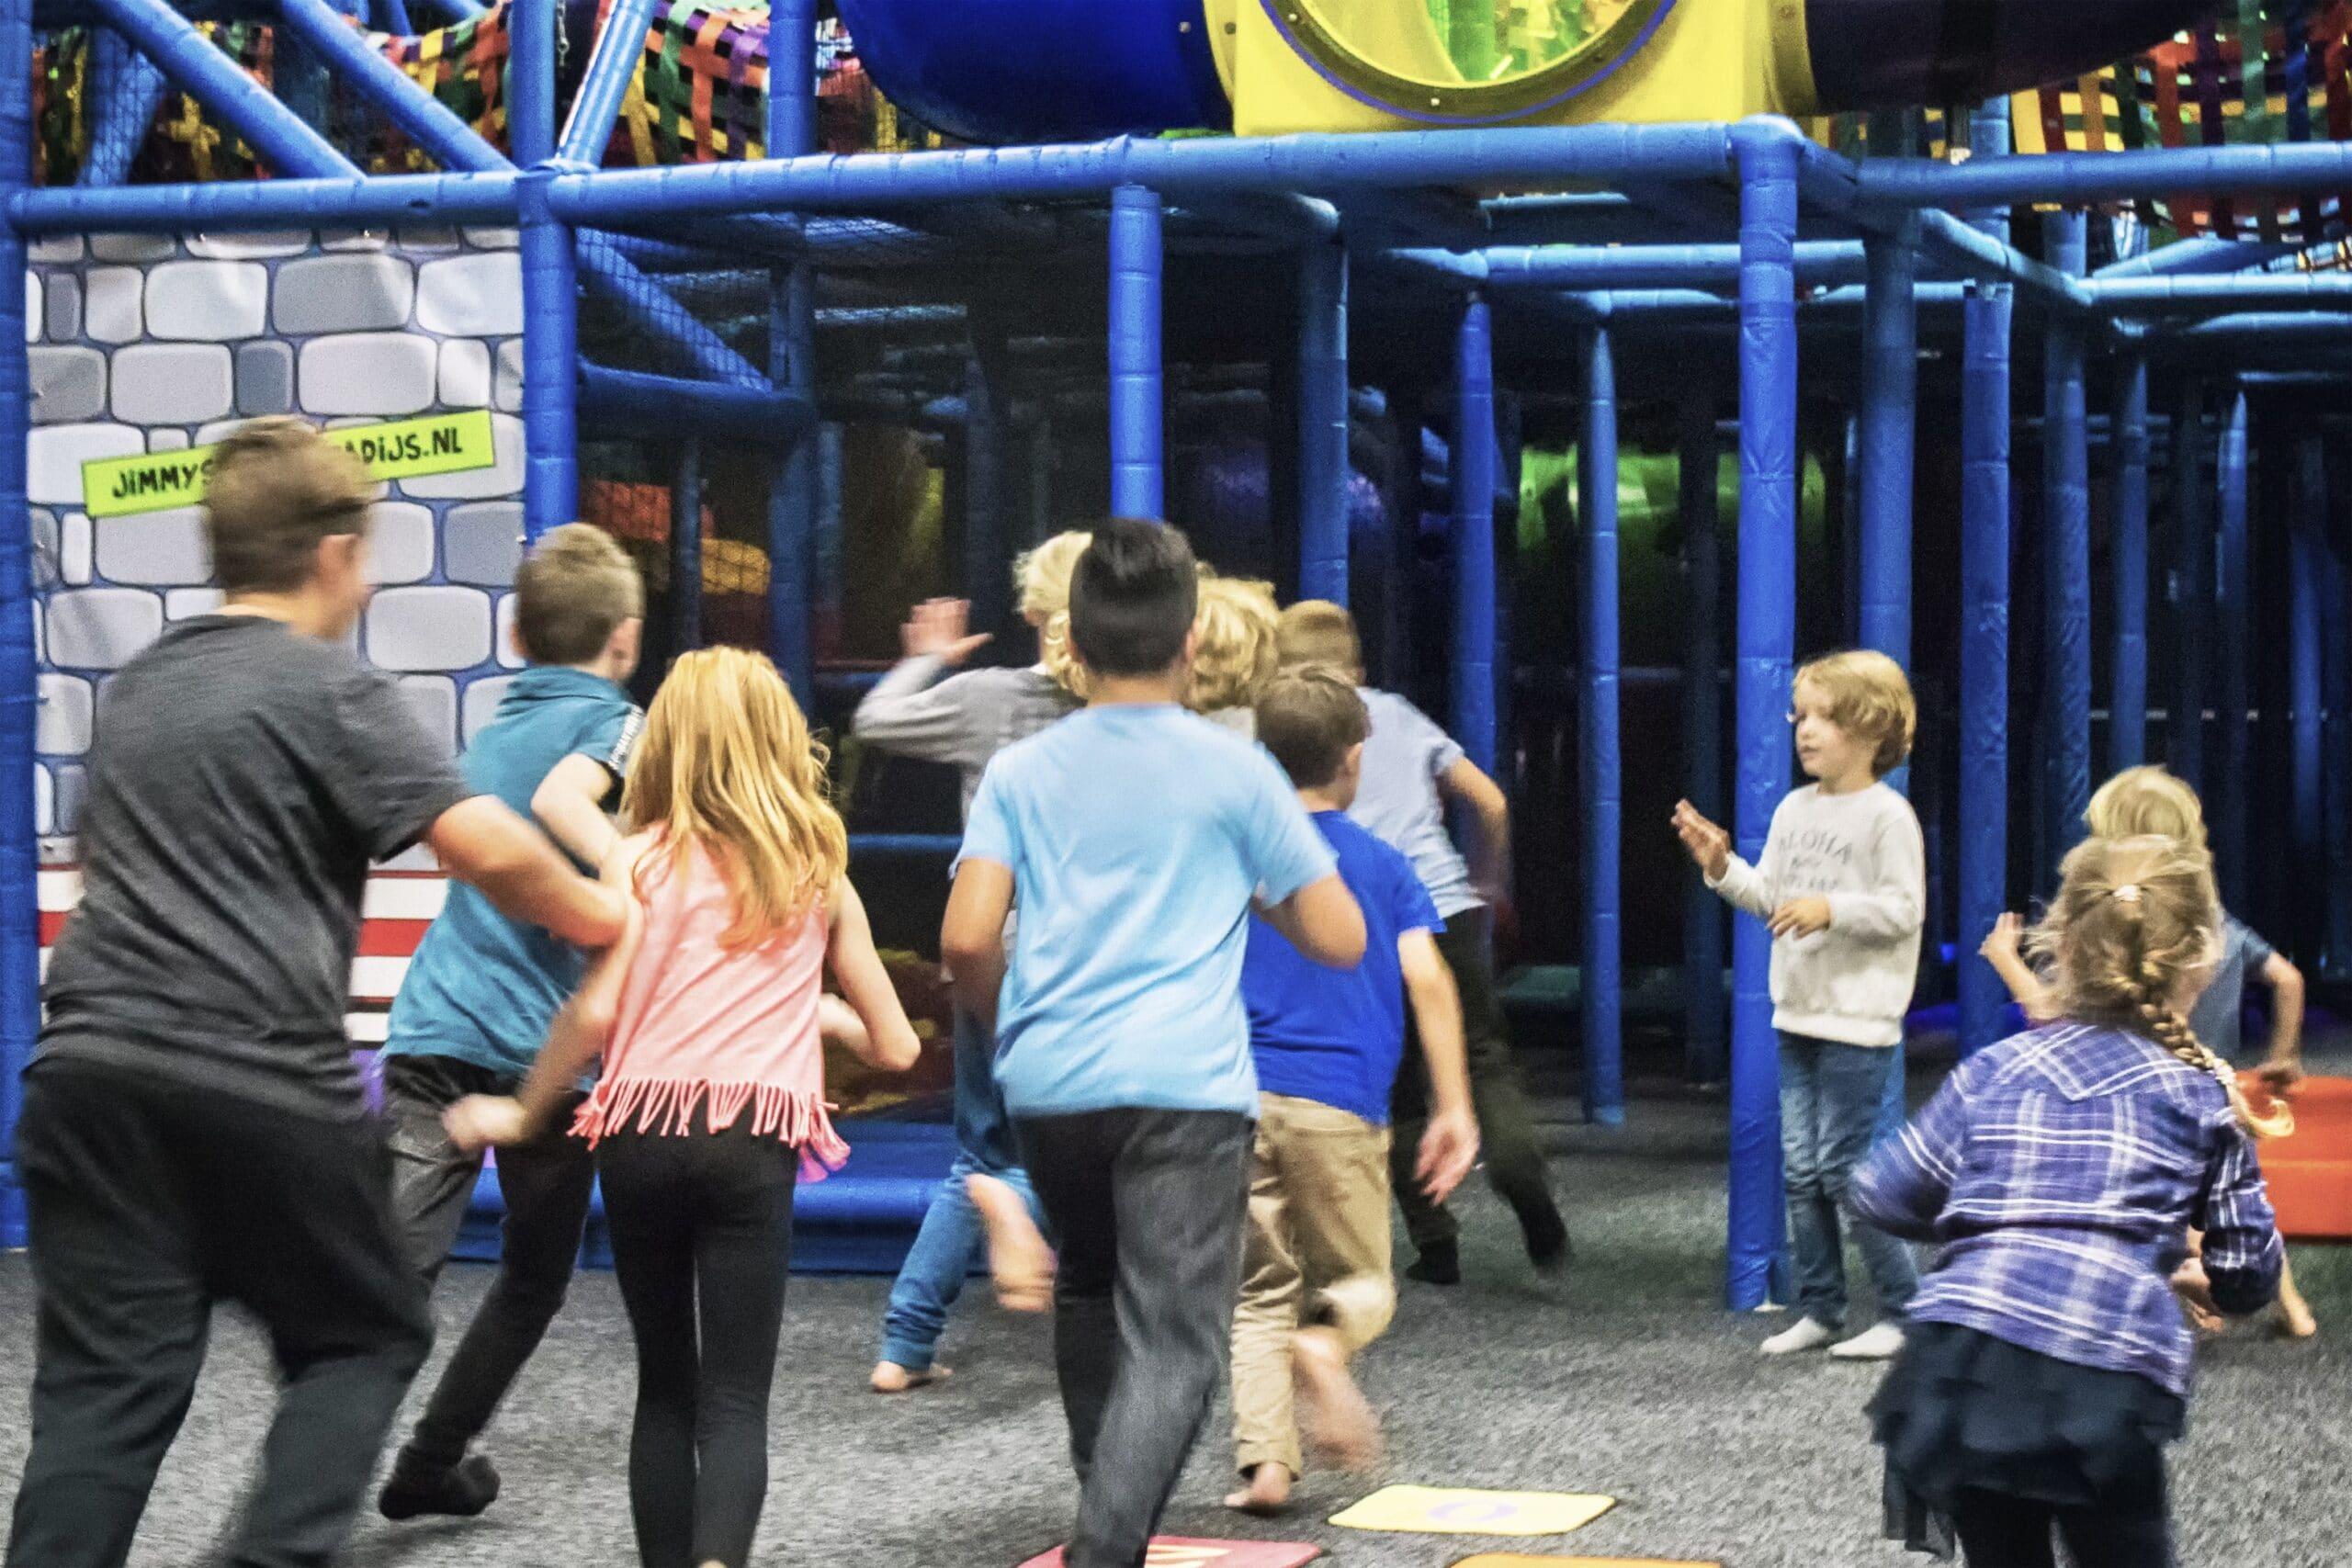 Kinderen rennen naar de ingang van het klimkasteel in Jimmy's Speelparadijs in Amsterdam